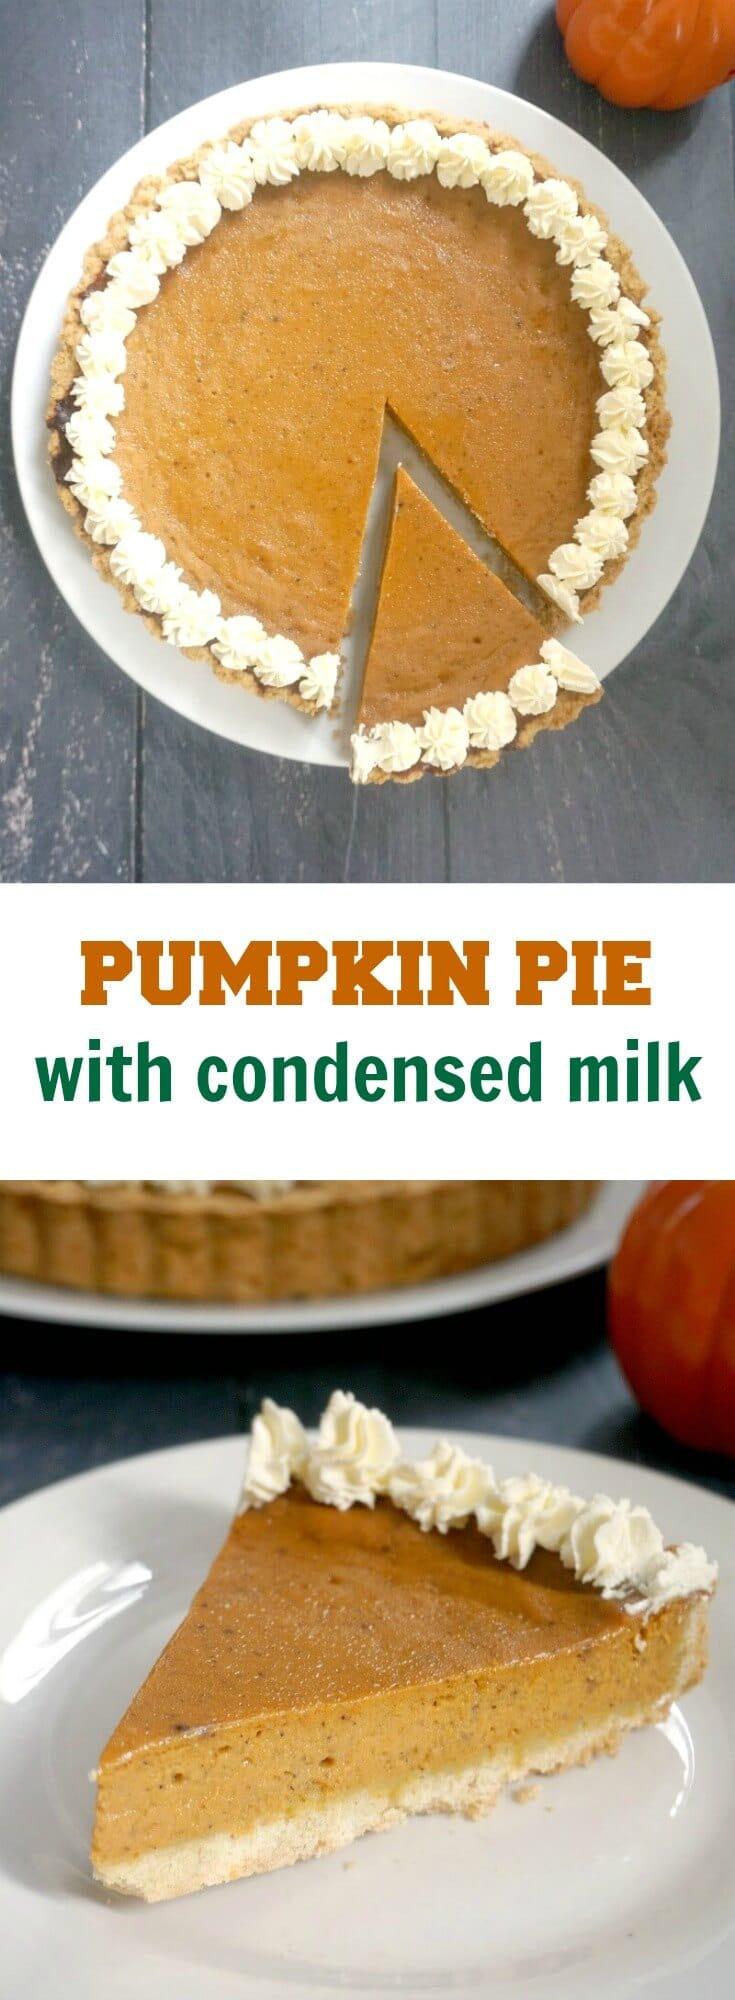 Pumpkin Pie With Condensed Milk Pumpkinpie Easy Pumpkin Pie With Condensed Milk One Of The Best Thanksgiving Desserts Easy Easy Pumpkin Pie Best Pumpkin Pie